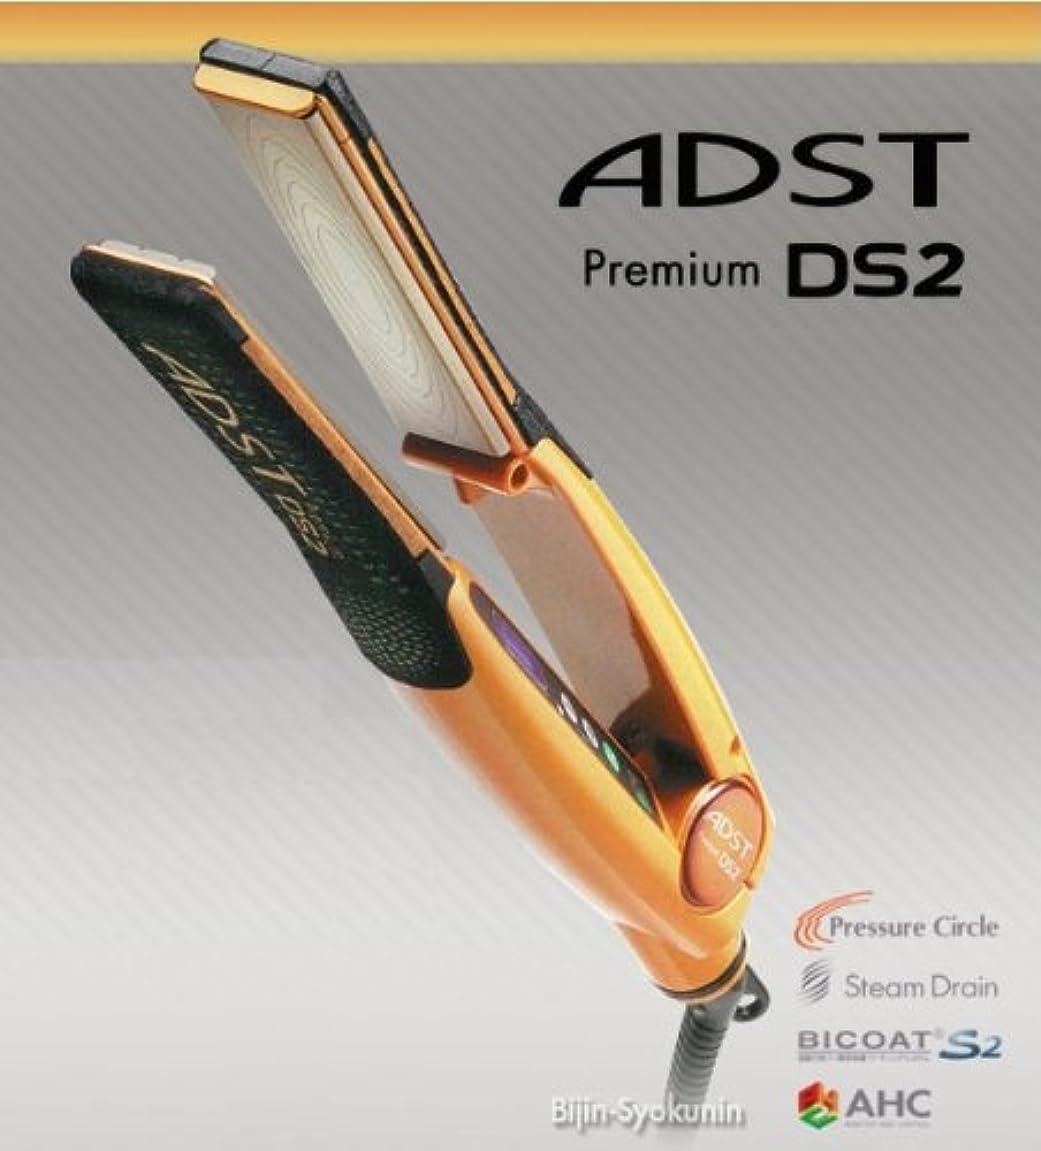 咽頭憎しみテストADST Premium DS2 アドスト プレミアム DS2 ストレートアイロン